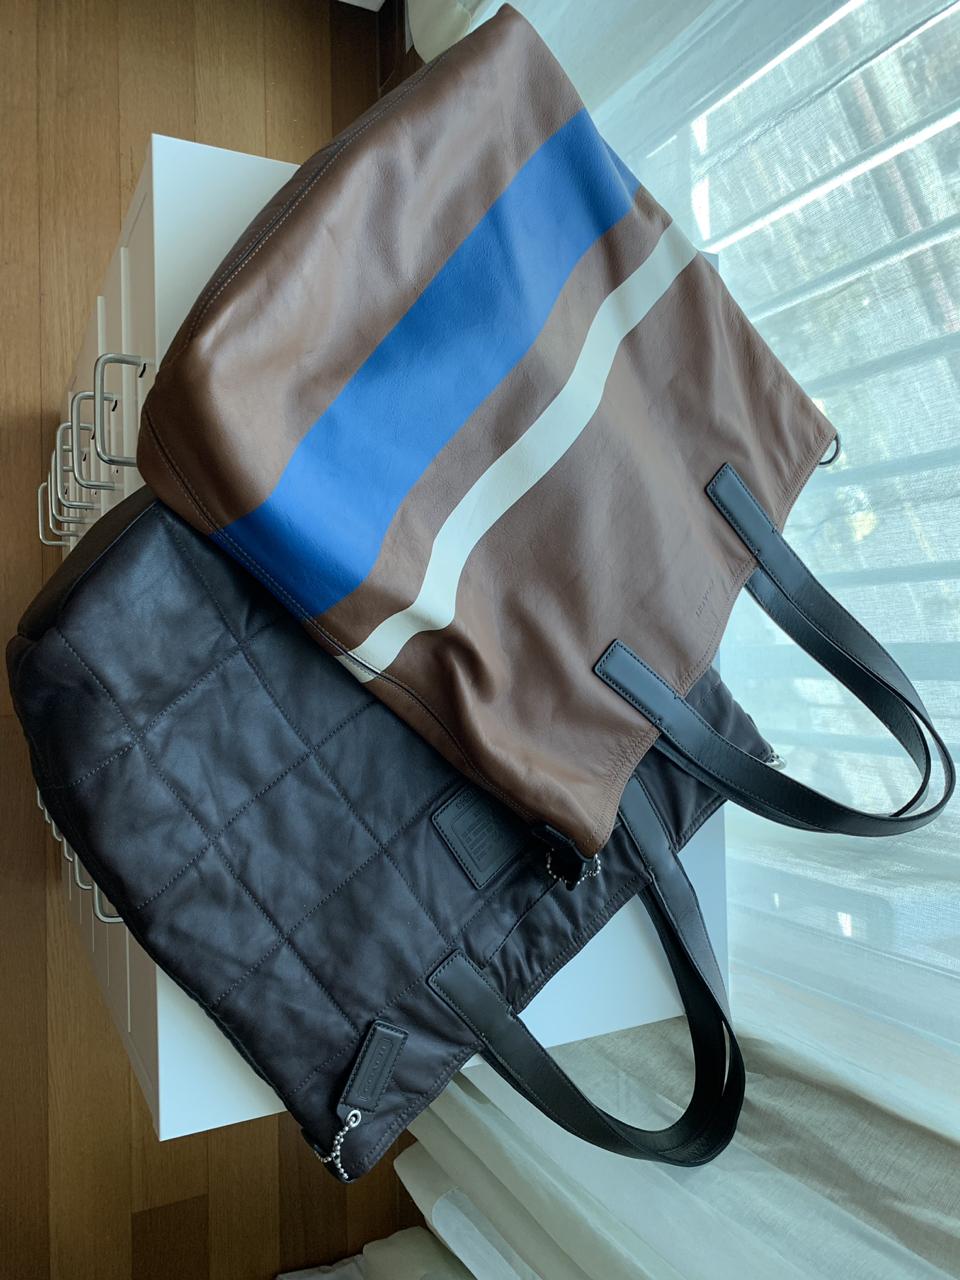 코치 양면 쇼퍼백 숄더백 기저귀 가방 대학생 가방